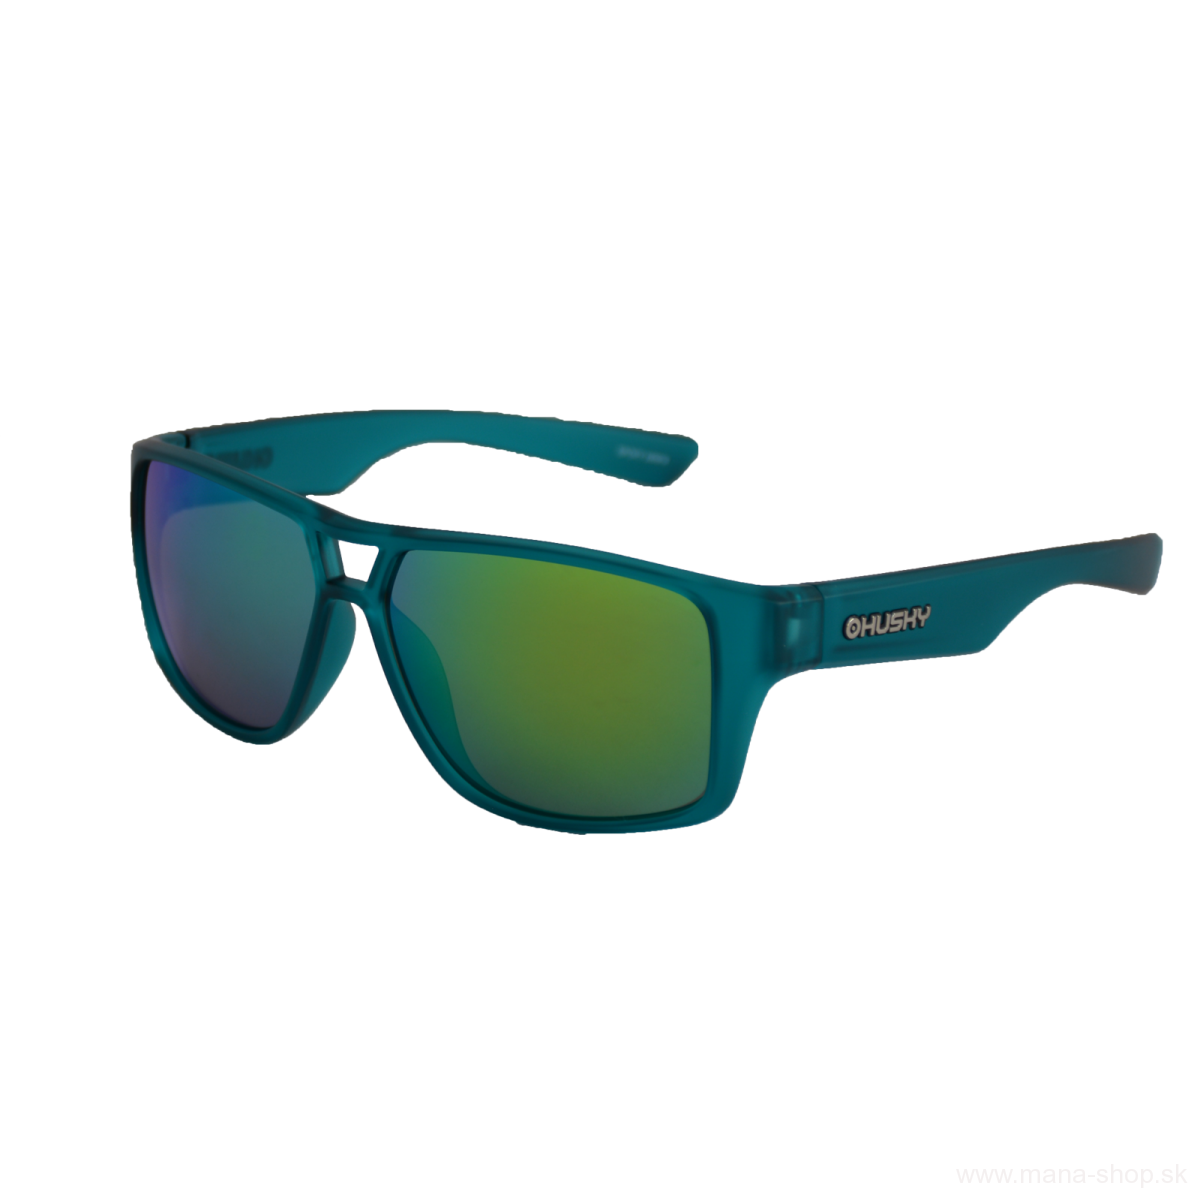 Športové okuliare SPOKY HUSKY zelená 487739d3504